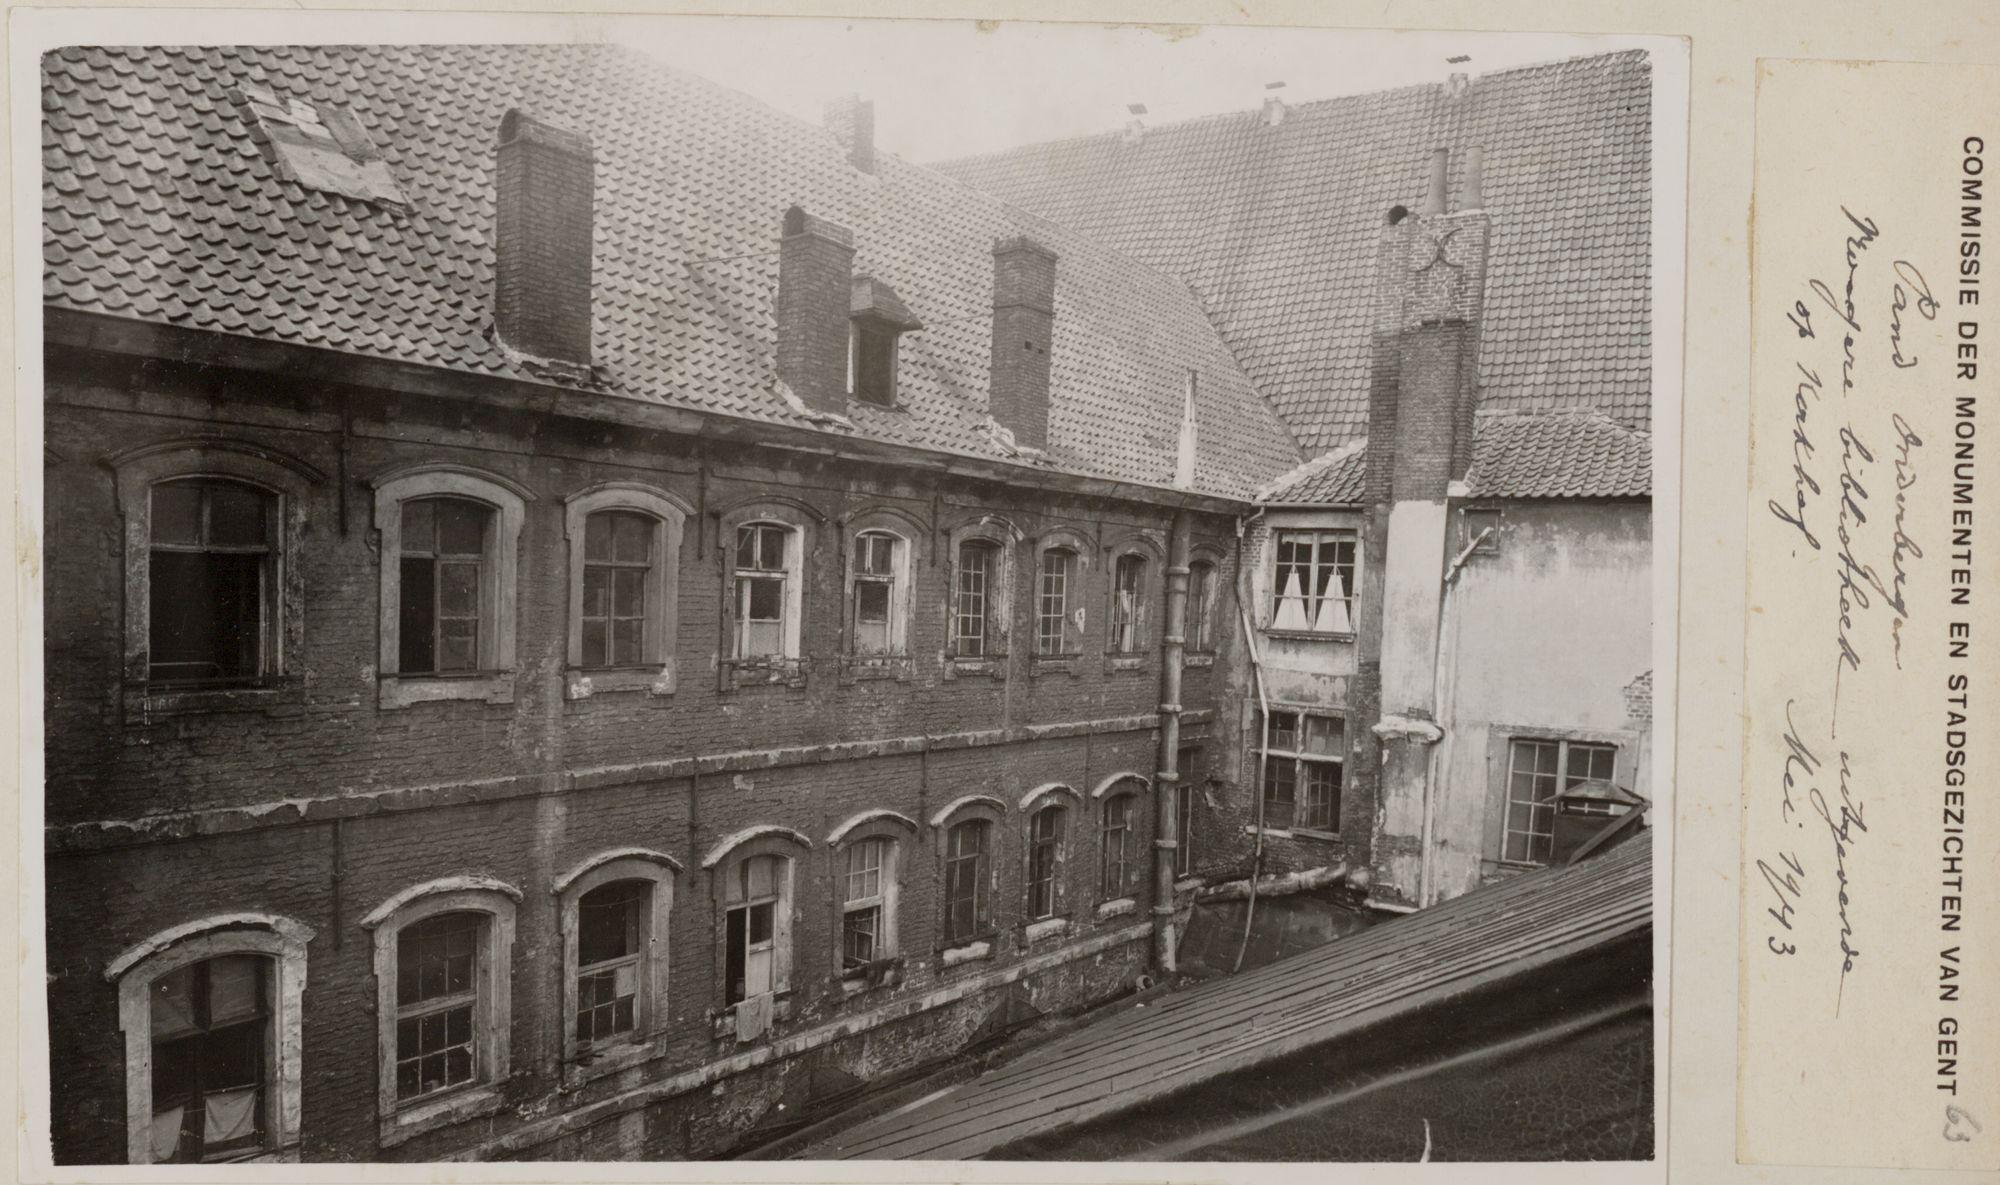 Gent: Dominicanenklooster (Het Pand), Onderbergen